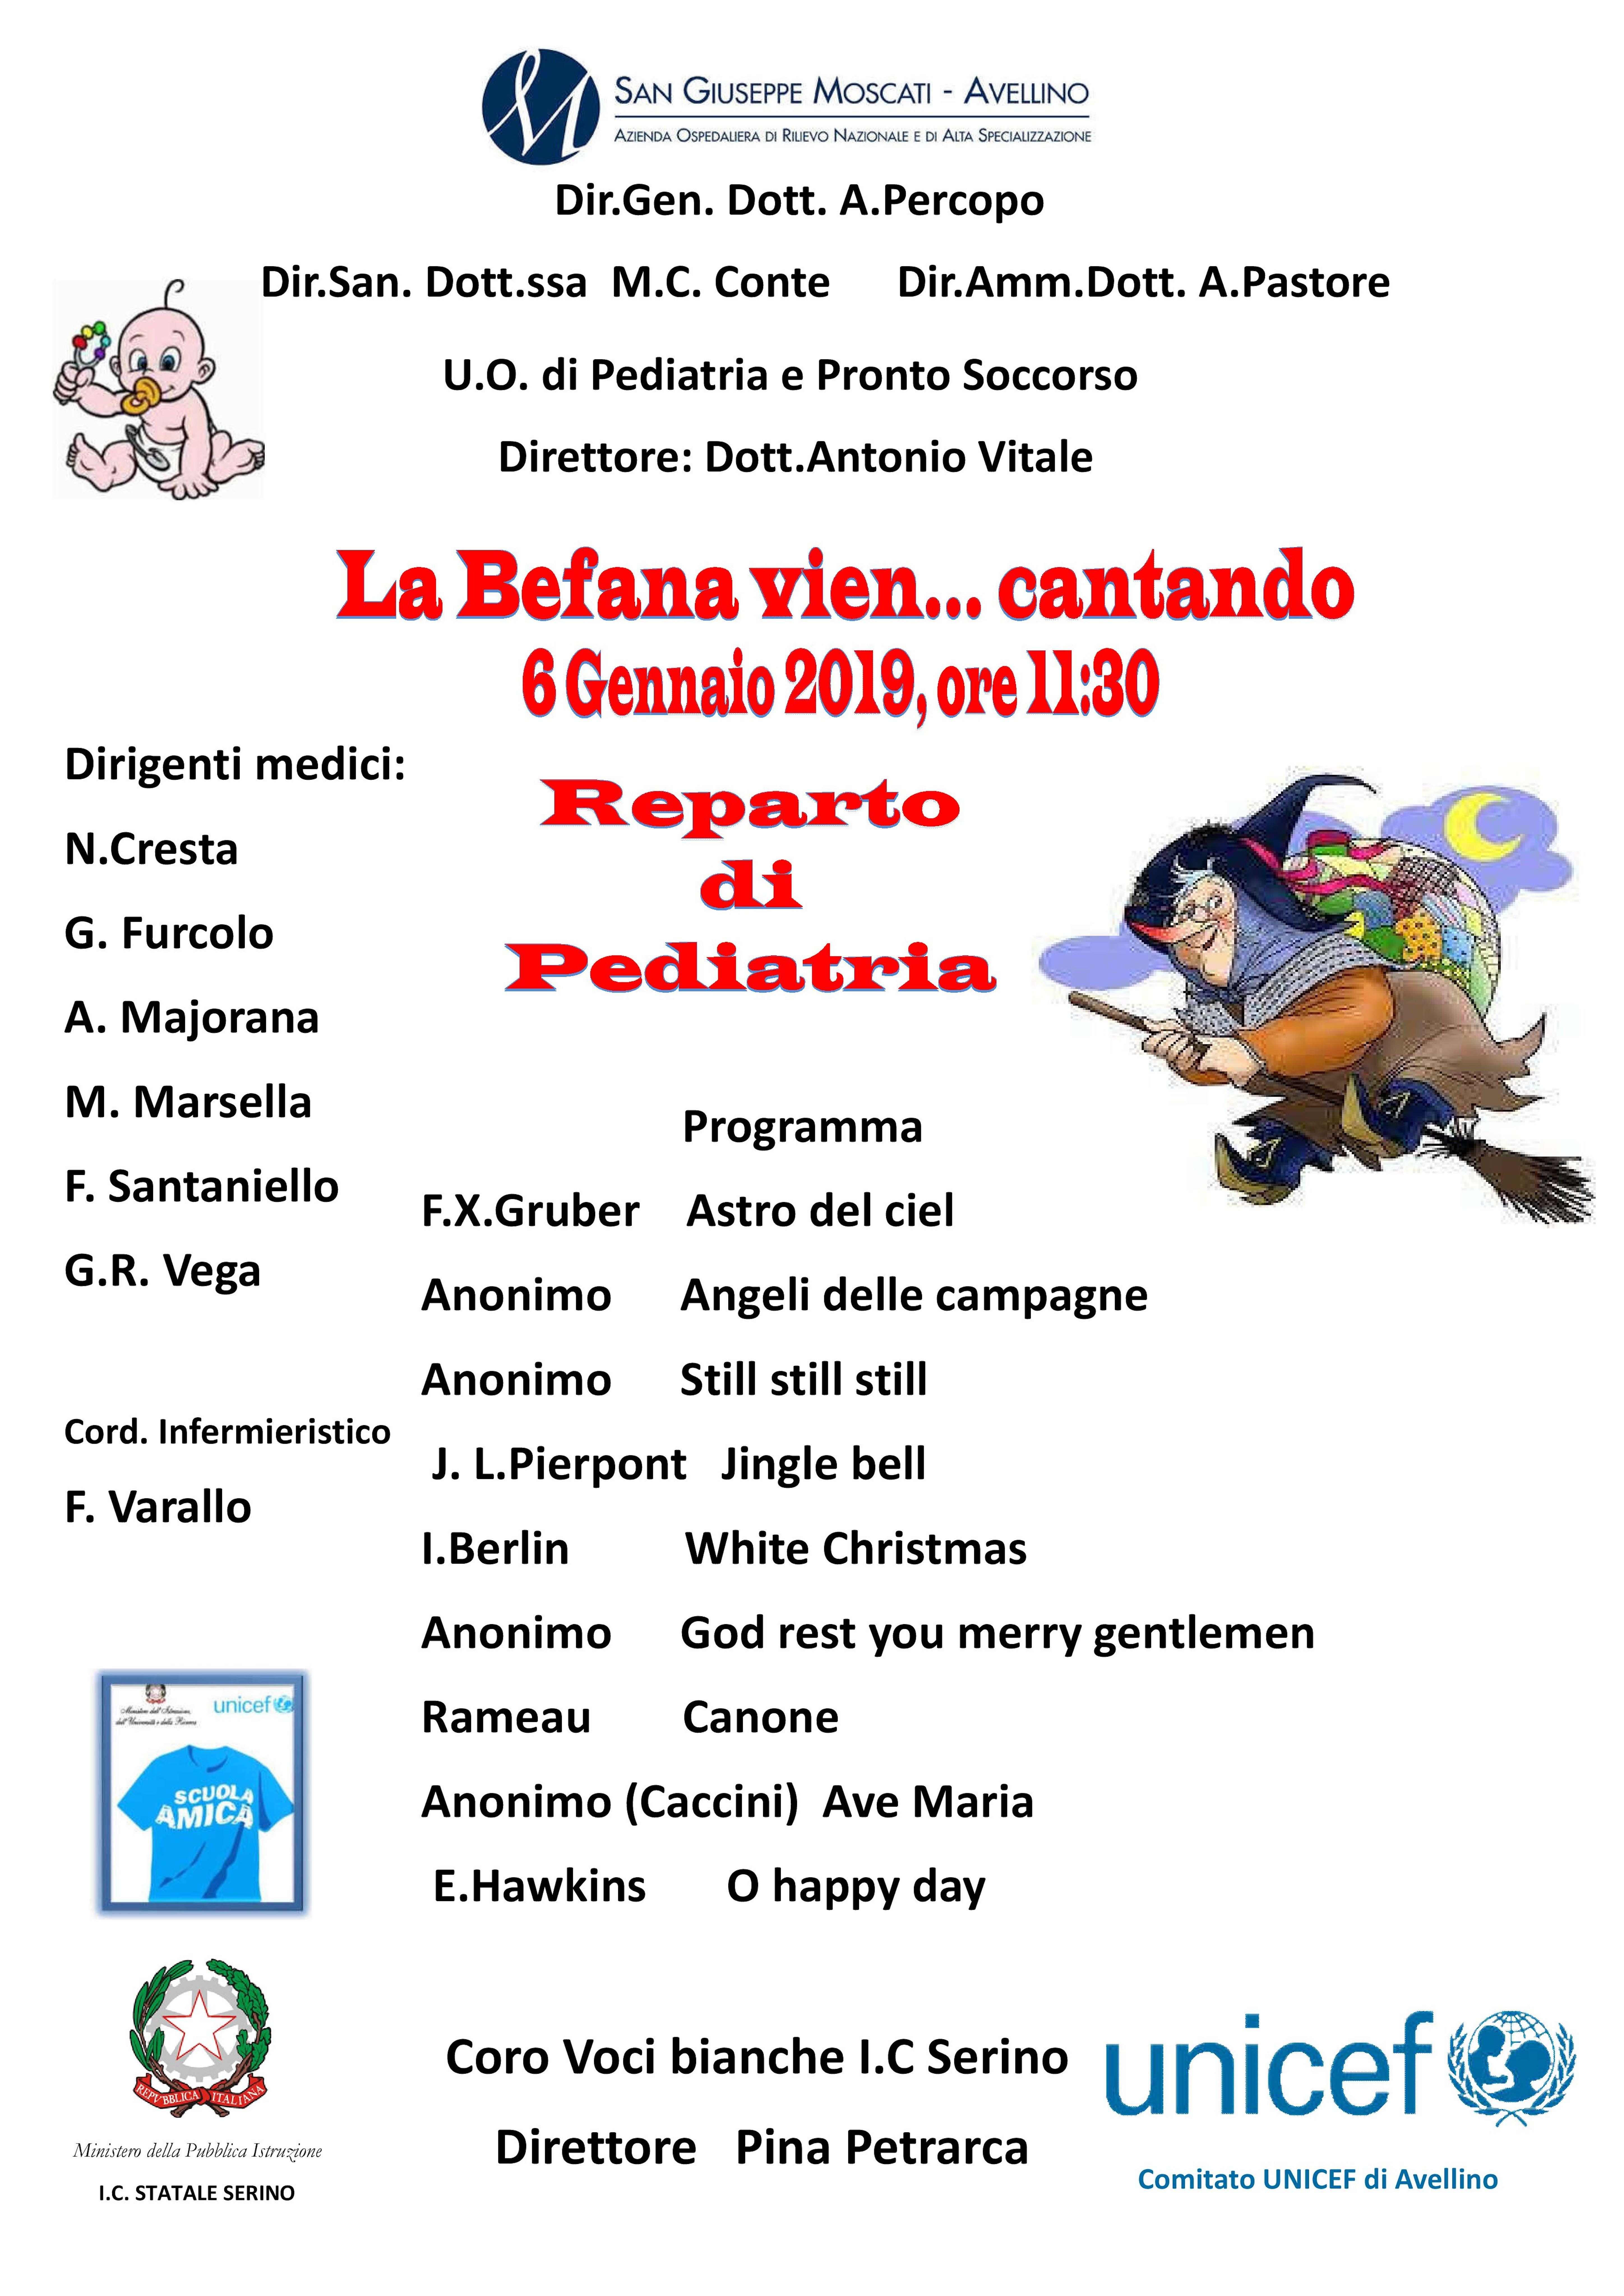 Ad Avellino con l'UNICEF dalla Tombola dei Diritti all'Epifania con i Bambini del Reparto di Pediatria dell'Ospedale Moscati